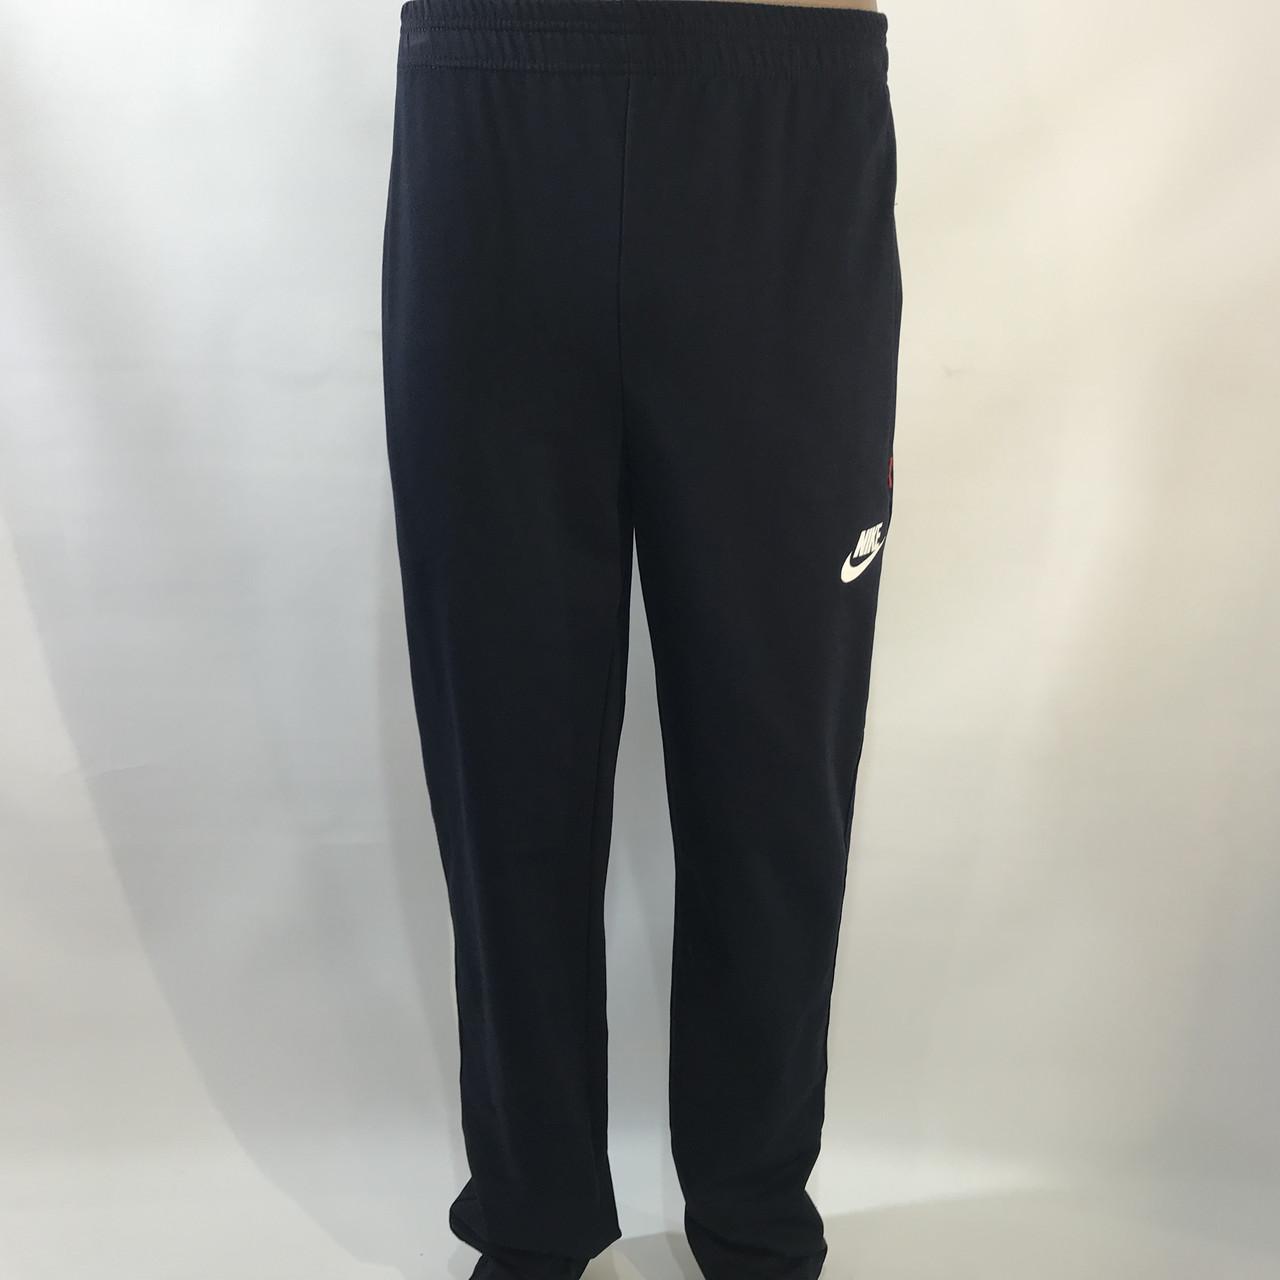 Спортивные штаны прямые в стиле Nike / трикотажные / черные р. 46,48,50,52,54